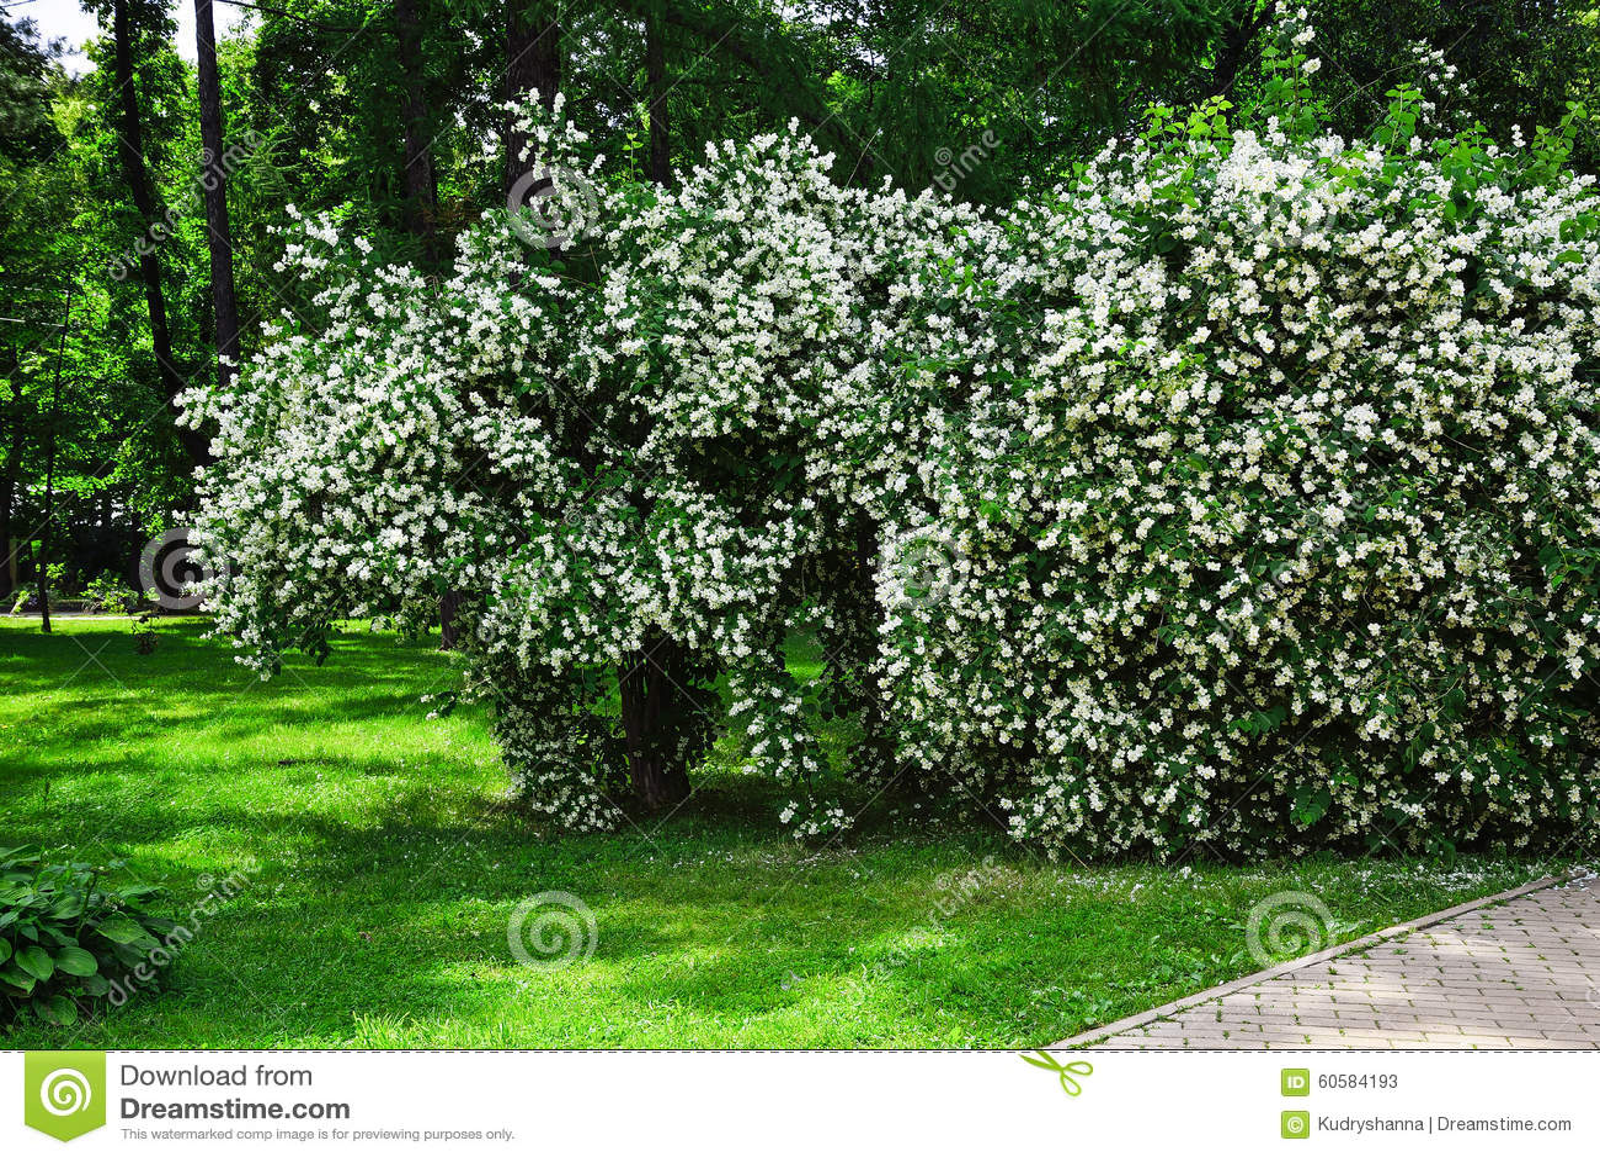 Cespuglio Con Fiori Bianchi.Arbusto Con I Fiori Bianchi Immagine Stock Immagine Di Bianco